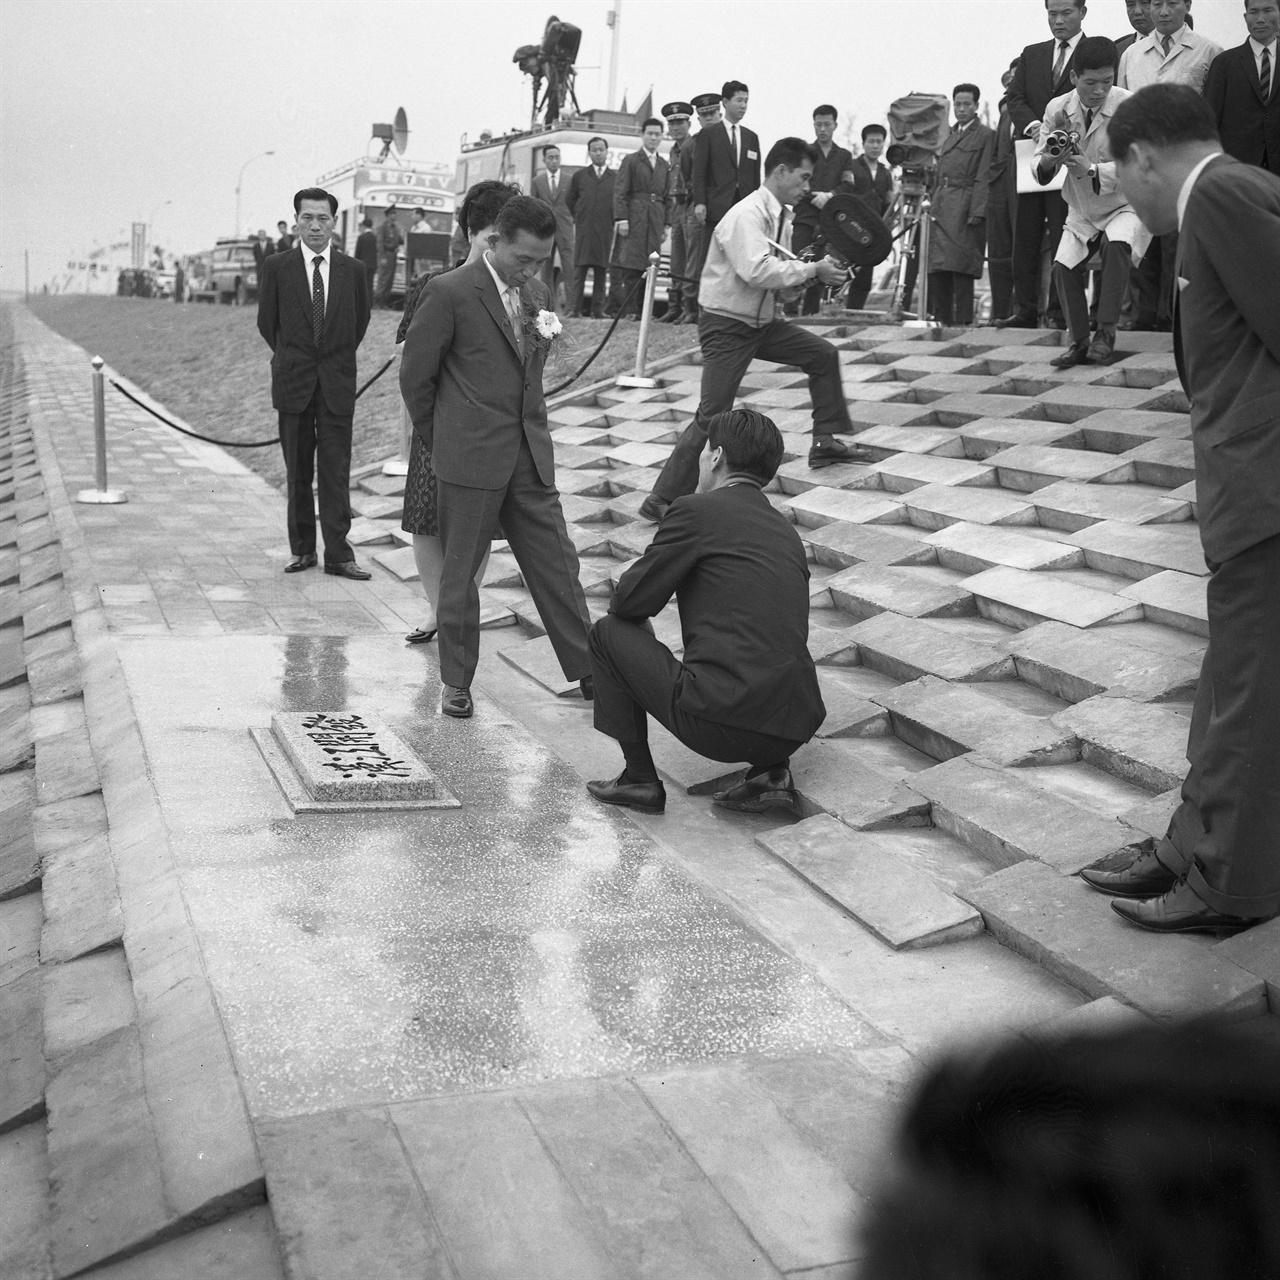 1968년 6월 1일 여의도 윤중제 준공식 여의도를 둘러싼 제방, '윤중제' 준공식에 참석한 박정희 대통령 내외. 제방에 '한강개발'(漢江開發)이라는 표석이 새겨져 있다. 박정희 부부 앞에 앉아 설명하고 있는 사람은 김현옥 서울시장이다. 김현옥은 서울시장 시절 여의도와 한강 개발을 주도했다.